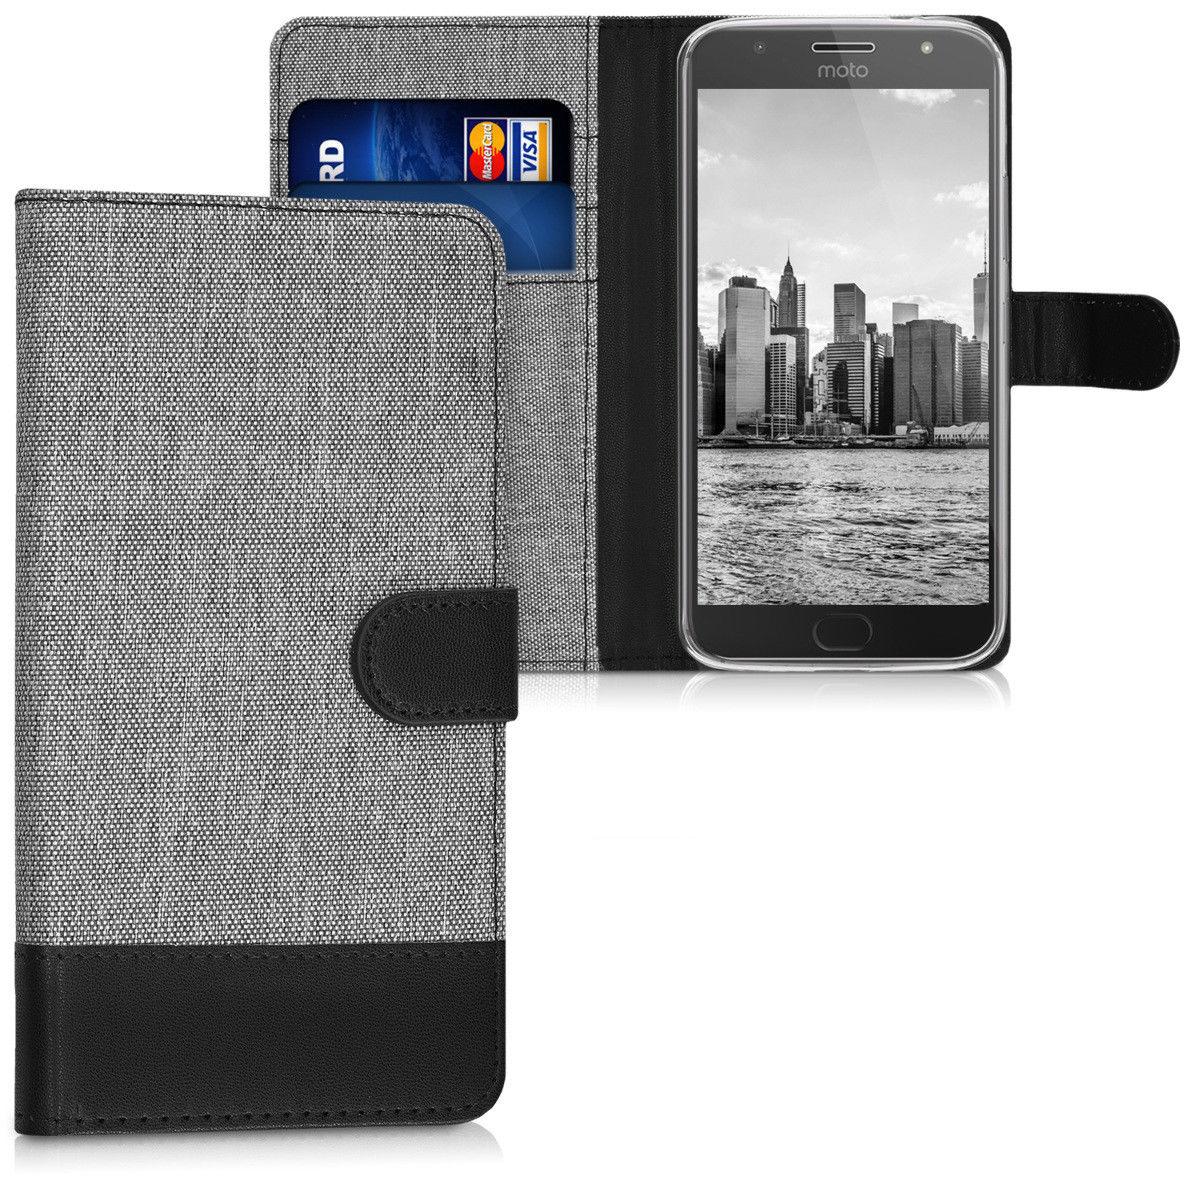 Pouzdro pro Lenovo Moto G5S Plus šedé